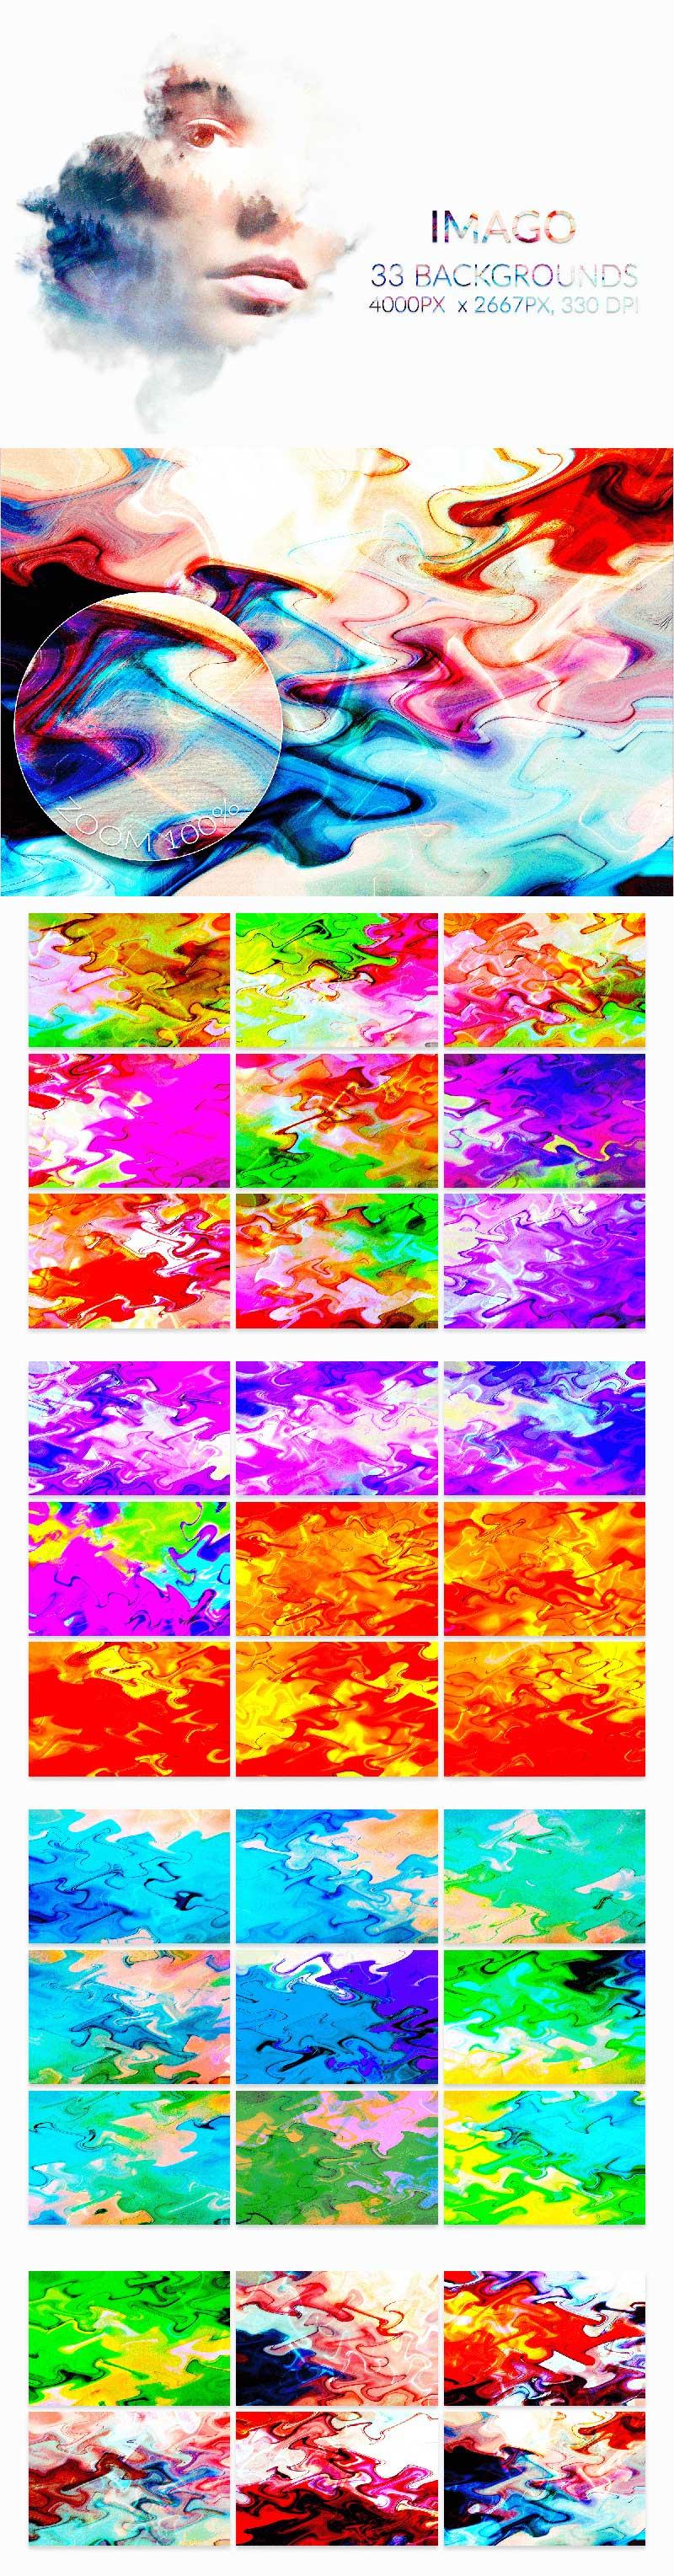 386 Backgrounds (14 Sets)